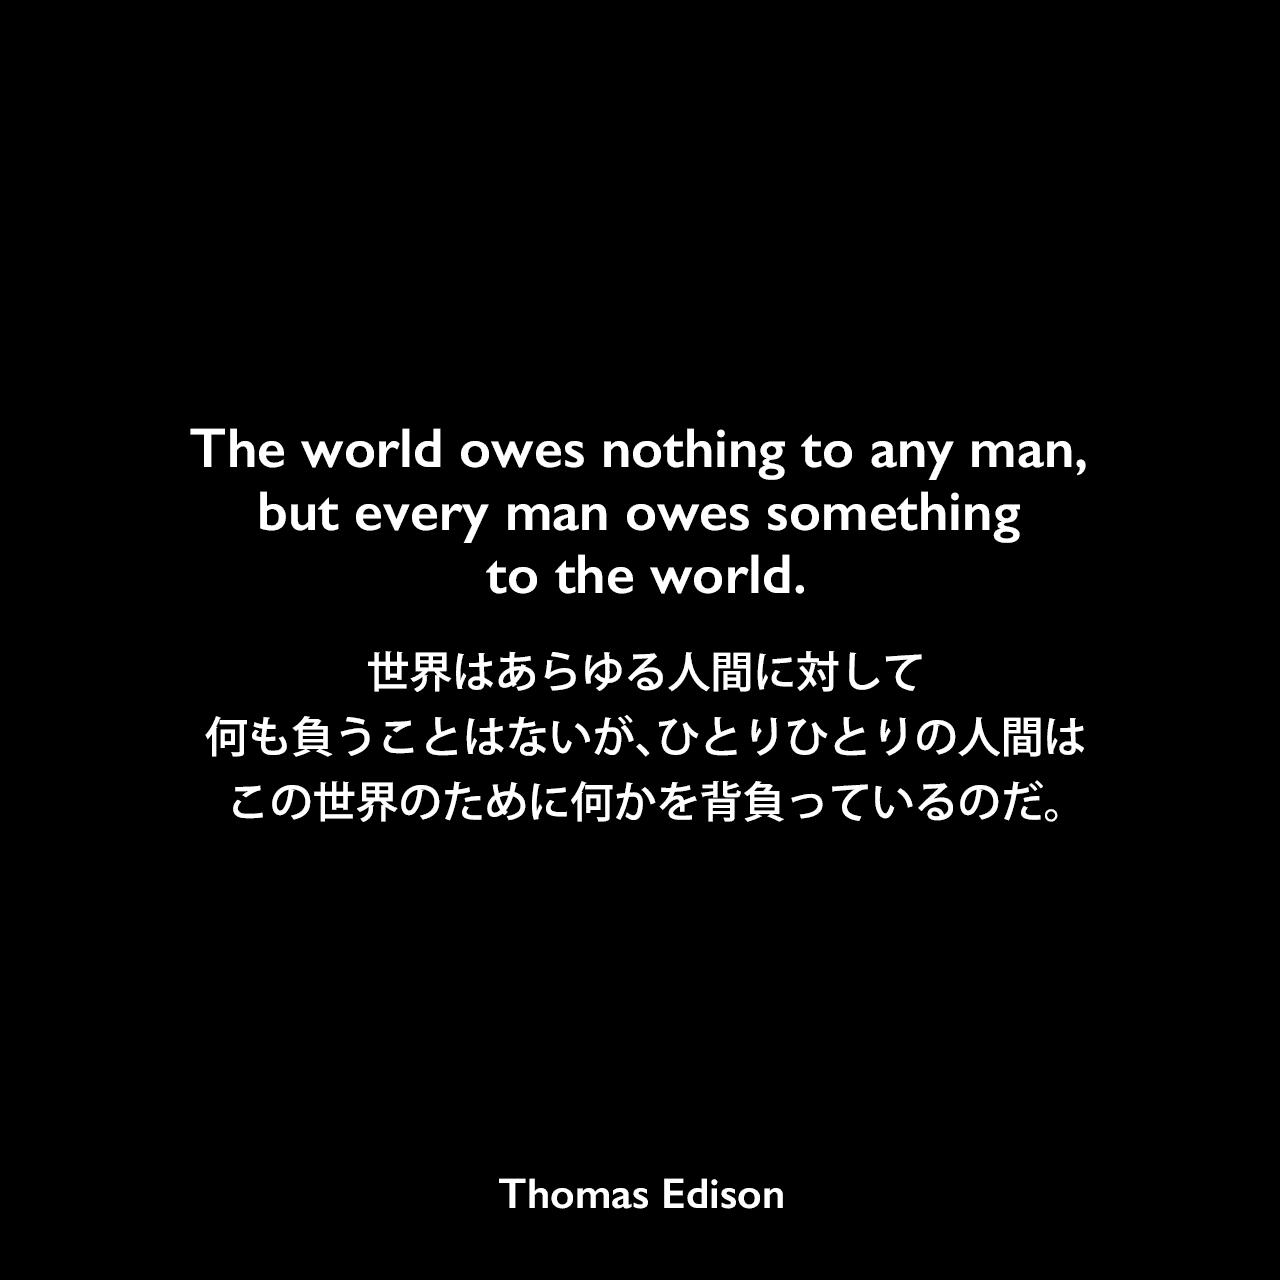 The world owes nothing to any man, but every man owes something to the world.世界はあらゆる人間に対して何も負うことはないが、ひとりひとりの人間はこの世界のために何かを背負っているのだ。- Edison Innovation Foundationよりエジソンの言葉として引用Thomas Edison